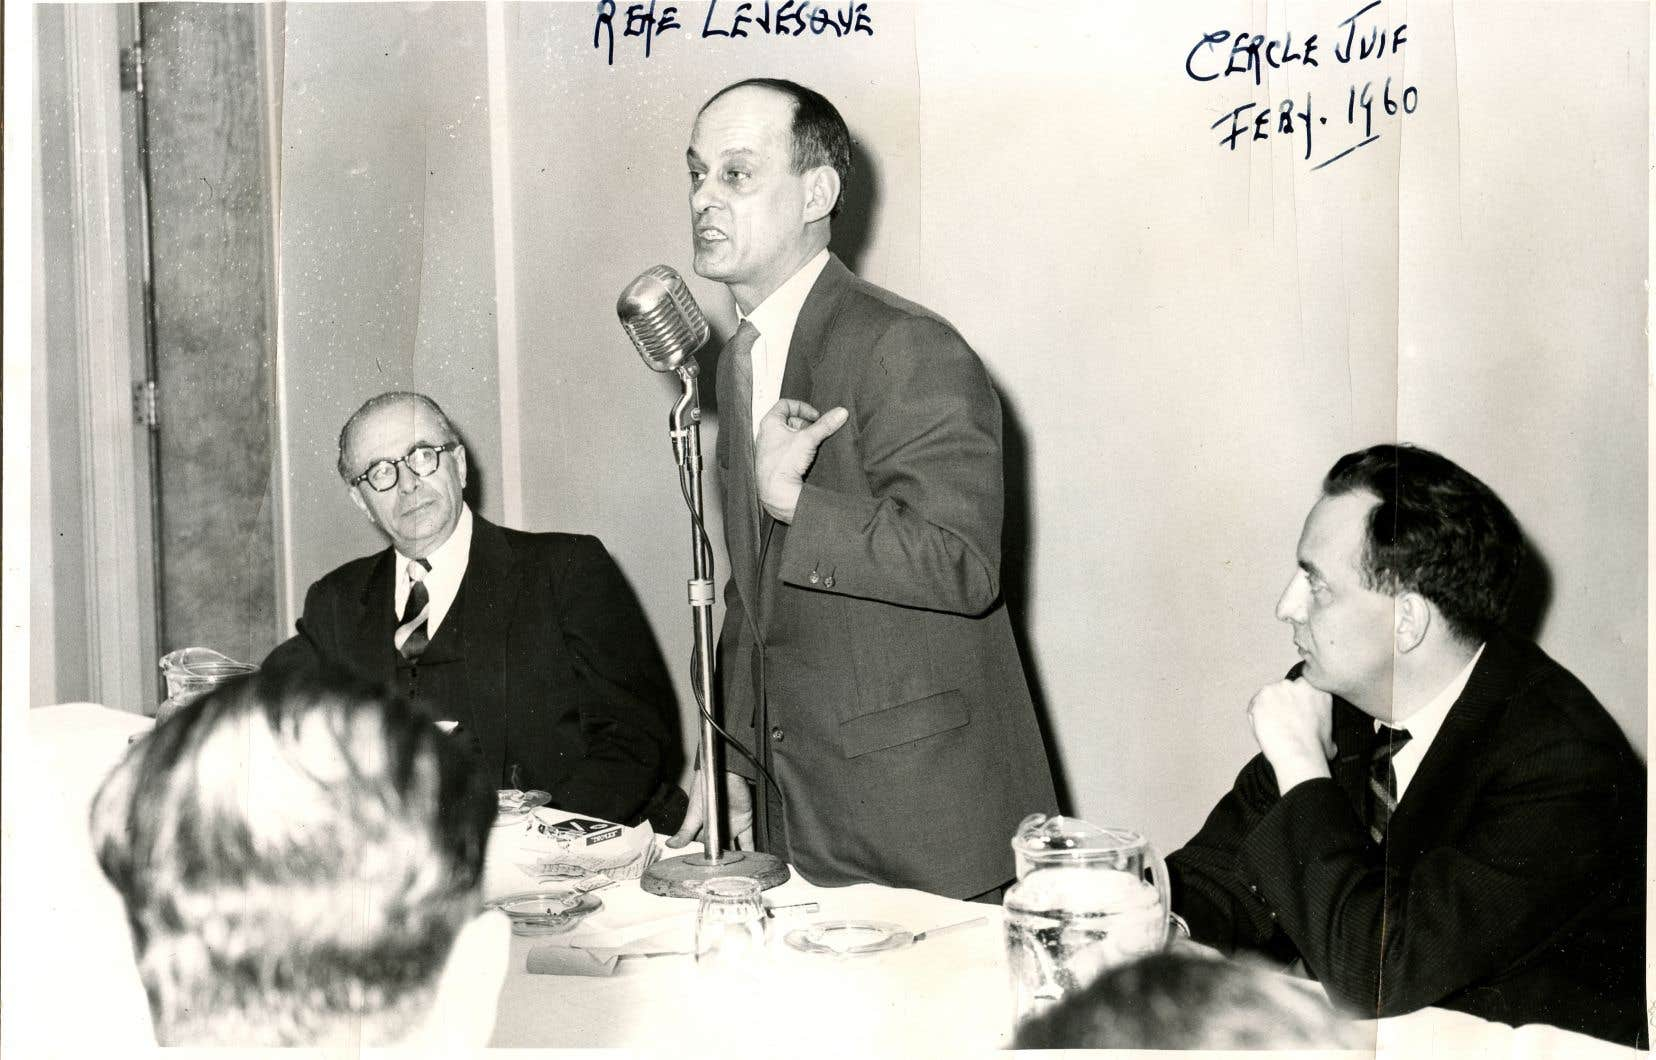 René Lévesque, alors journaliste, a prononcé une conférence sur les préjugés raciaux devant le Cercle juif de langue française, en 1960.À sa gauche, Naïm Kattan, le principal animateur de ces rencontres.